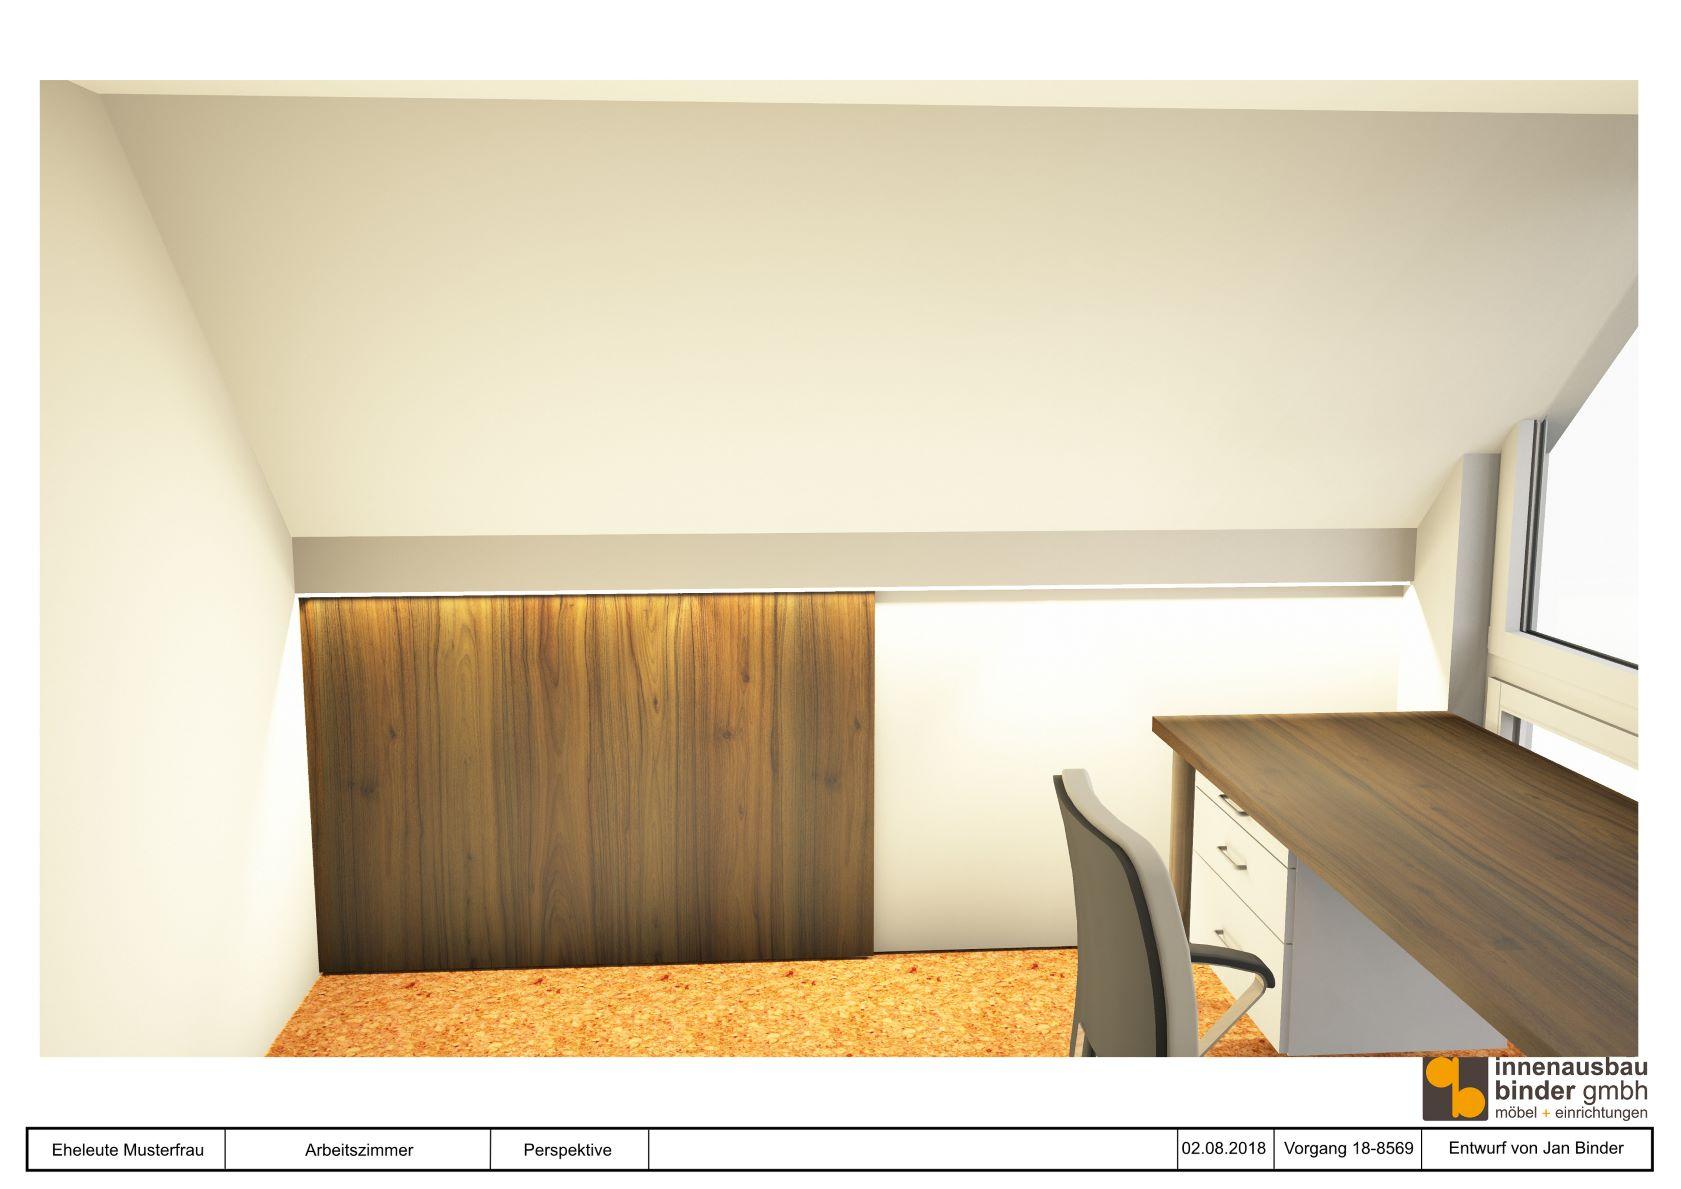 einbauschrank visualisierung innenausbau binder. Black Bedroom Furniture Sets. Home Design Ideas